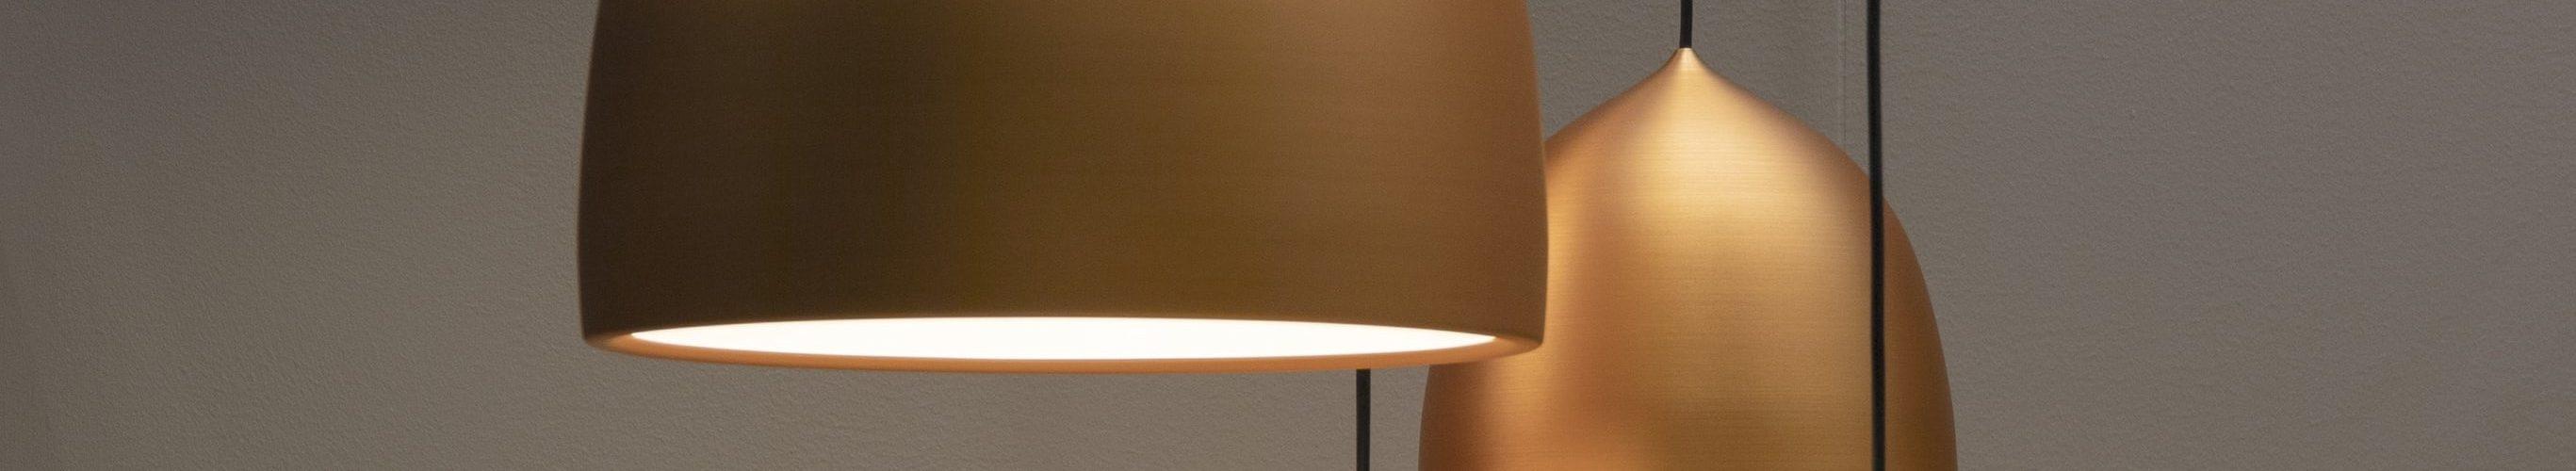 gouden-hangende-lampen-set